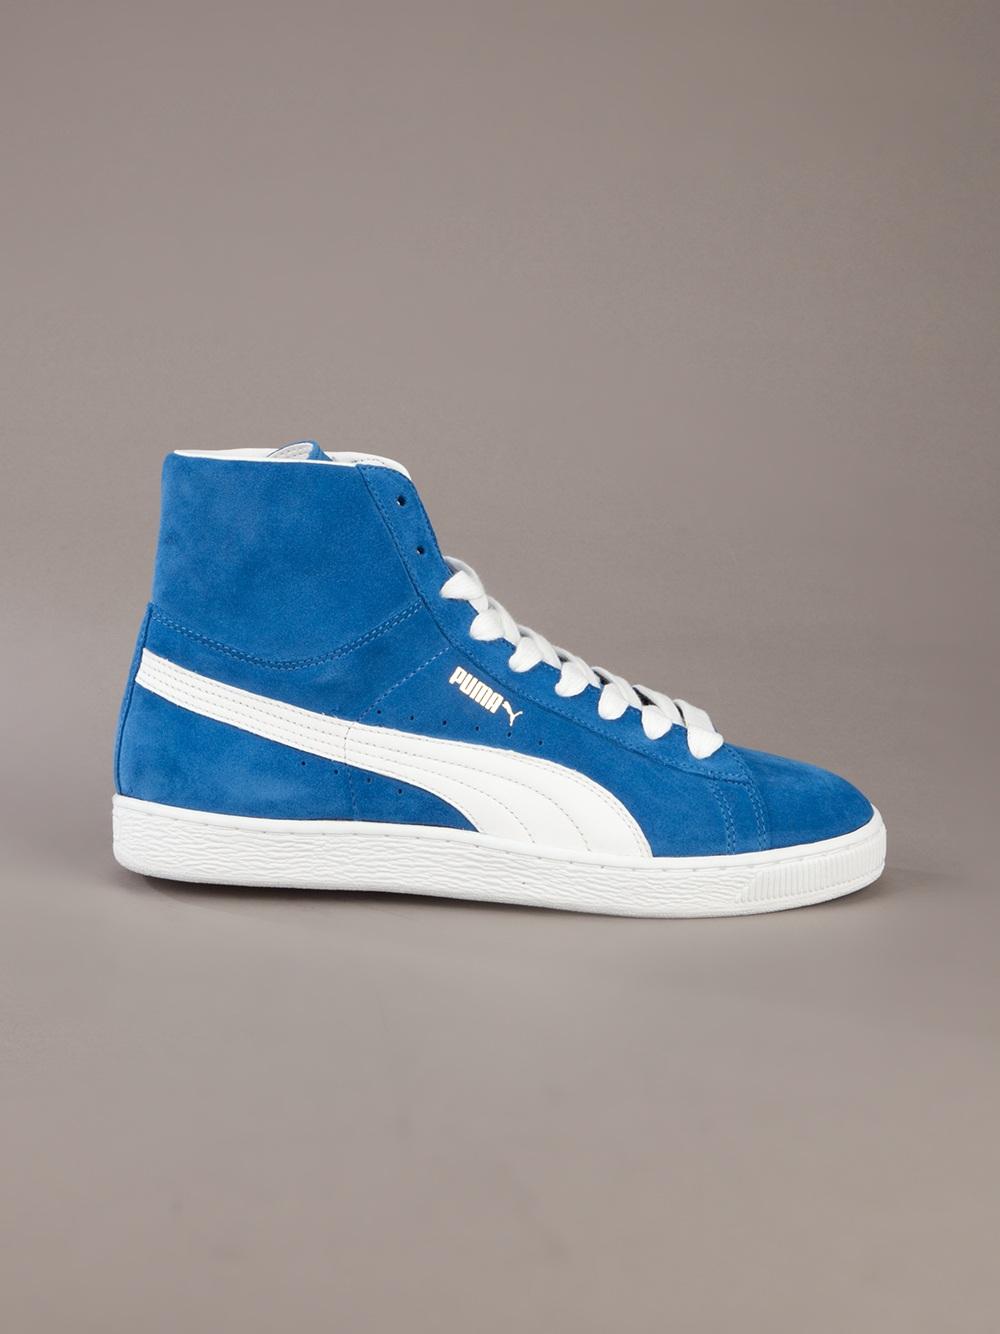 Puma Hi Top Sneakers In Blue For Men Lyst